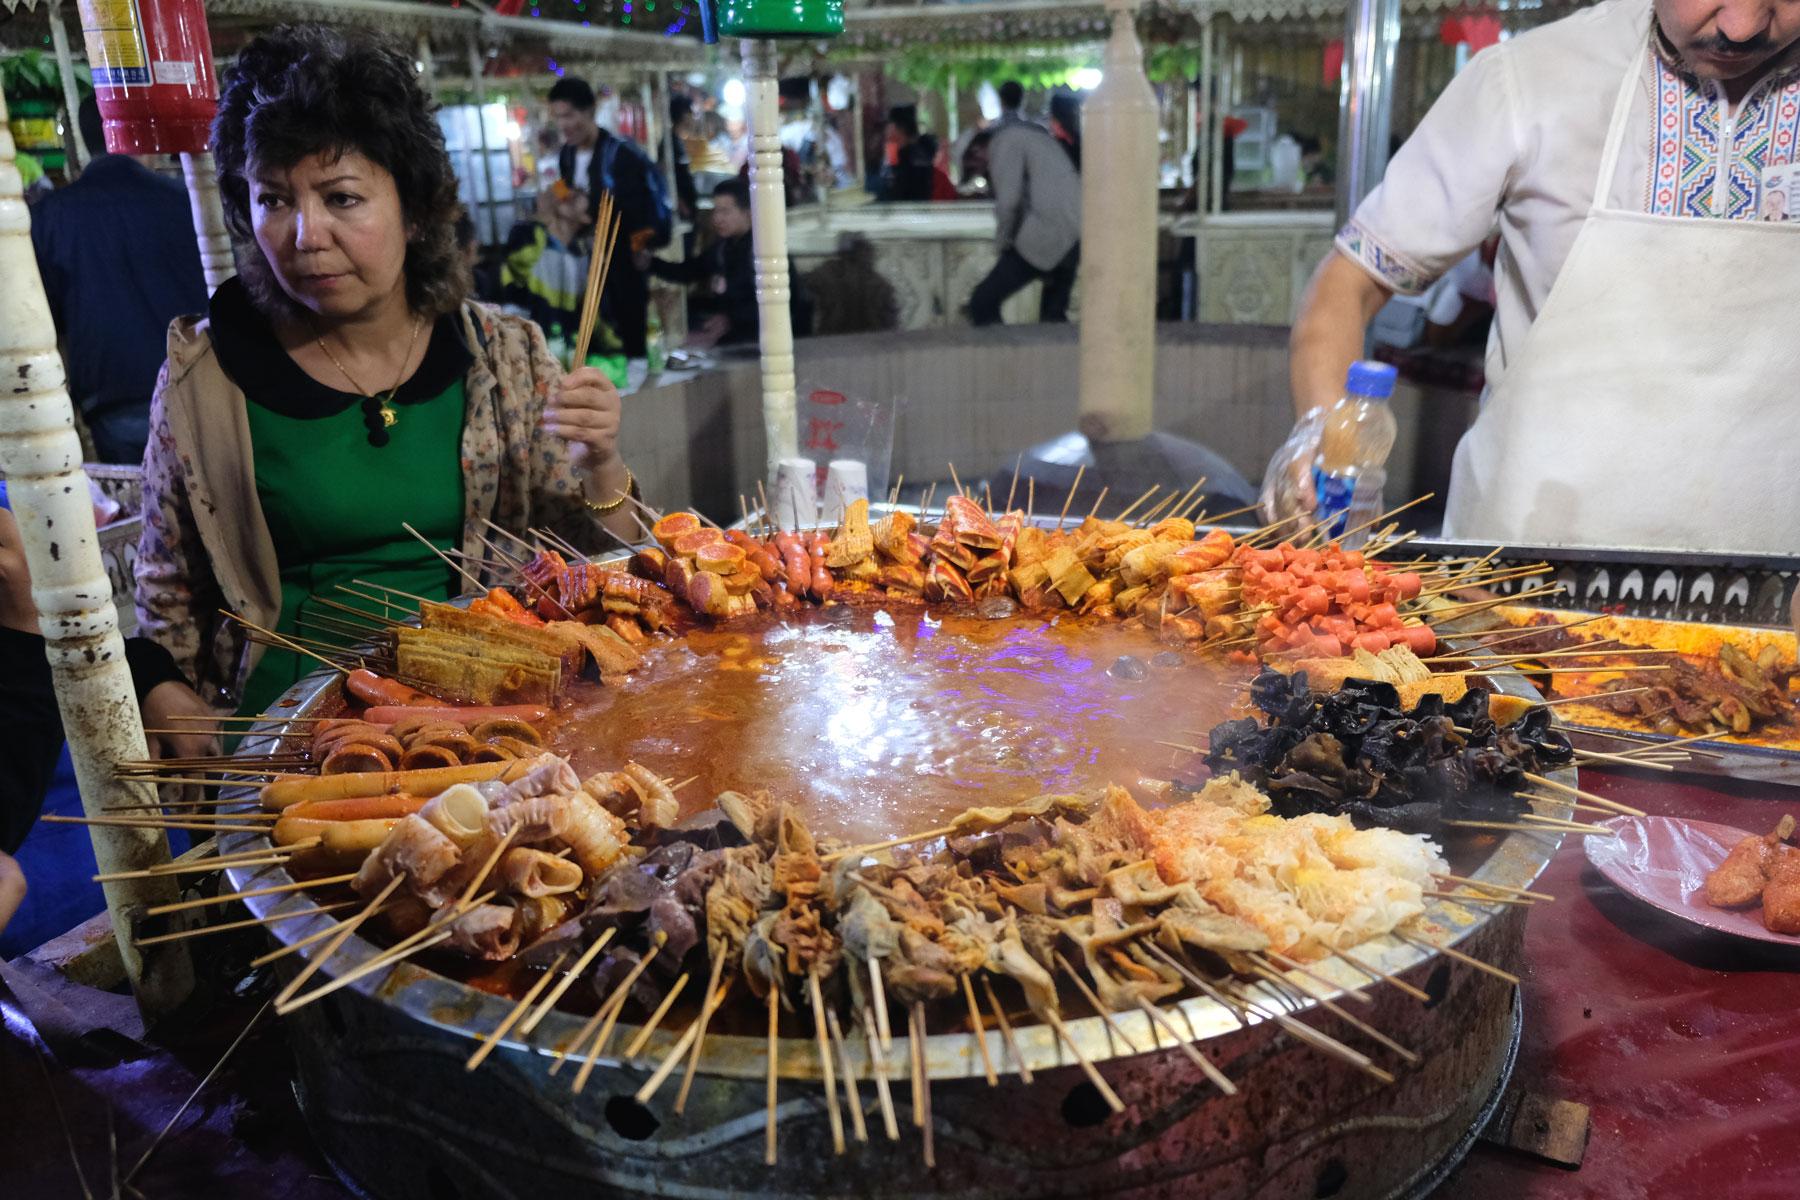 Das kulinarische Angebot am Nachmarkt wartet mit für uns exotischen Spießchen auf